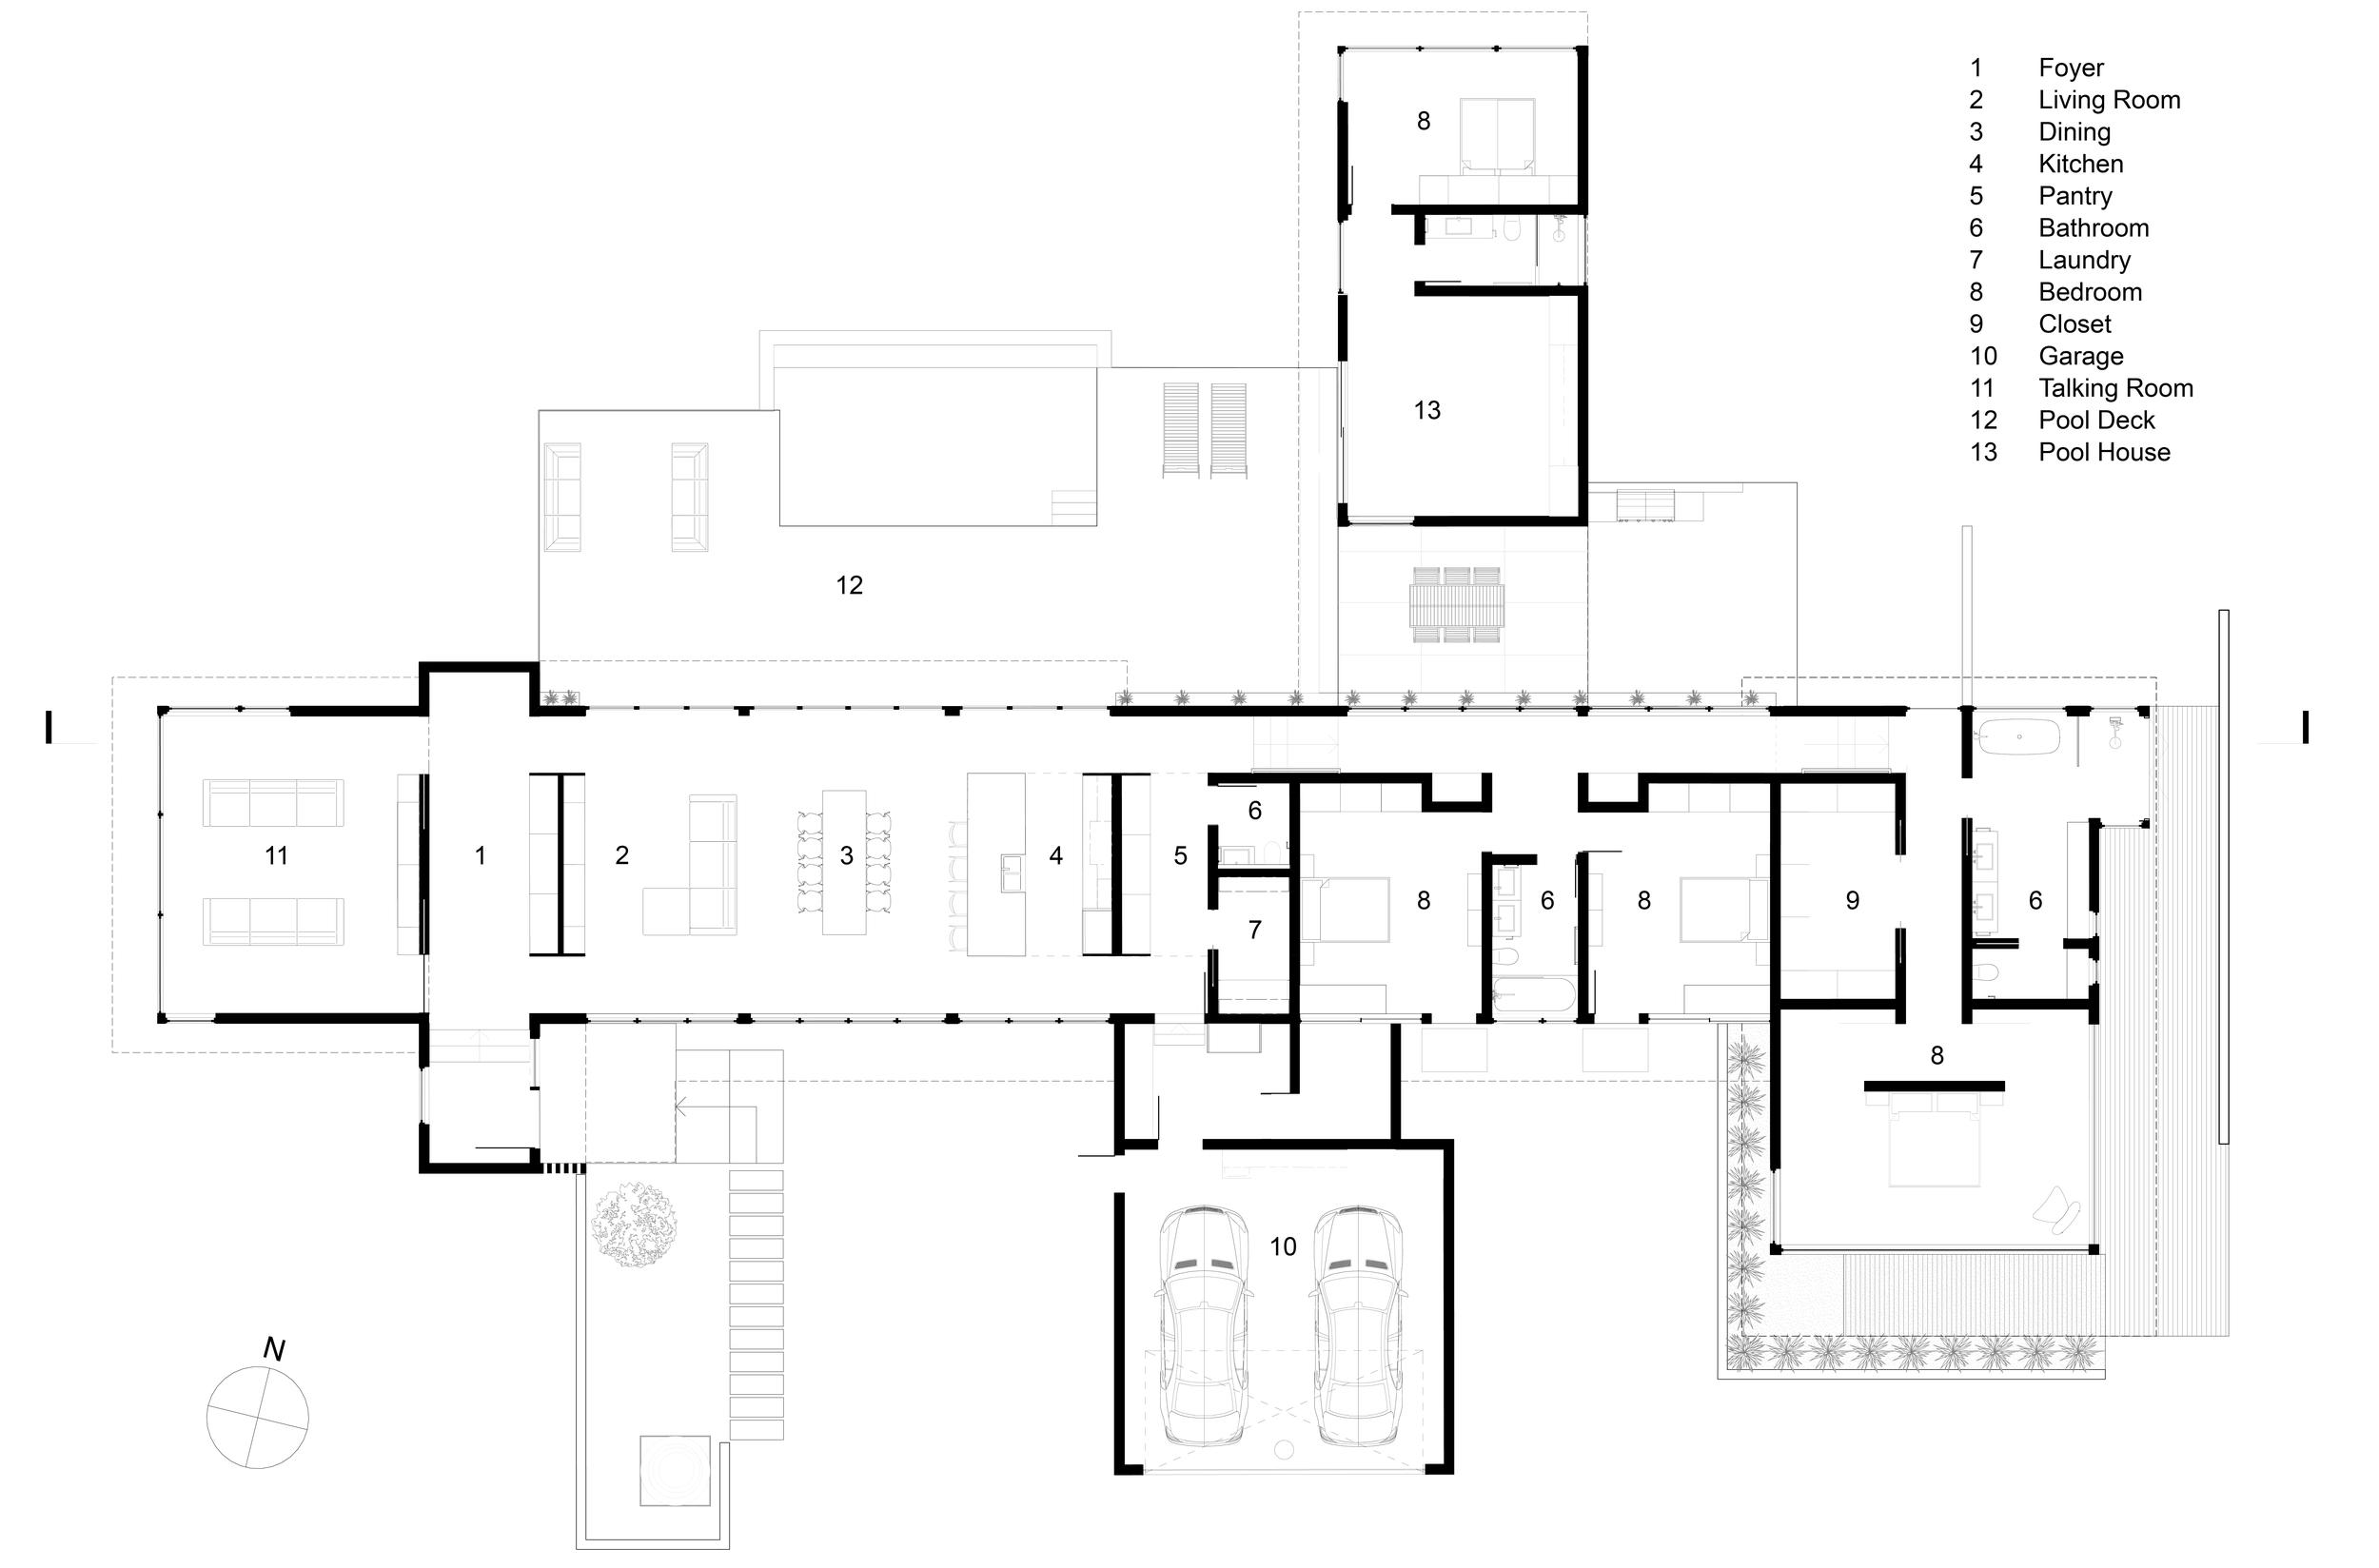 190515_pitkow_plan-01.png